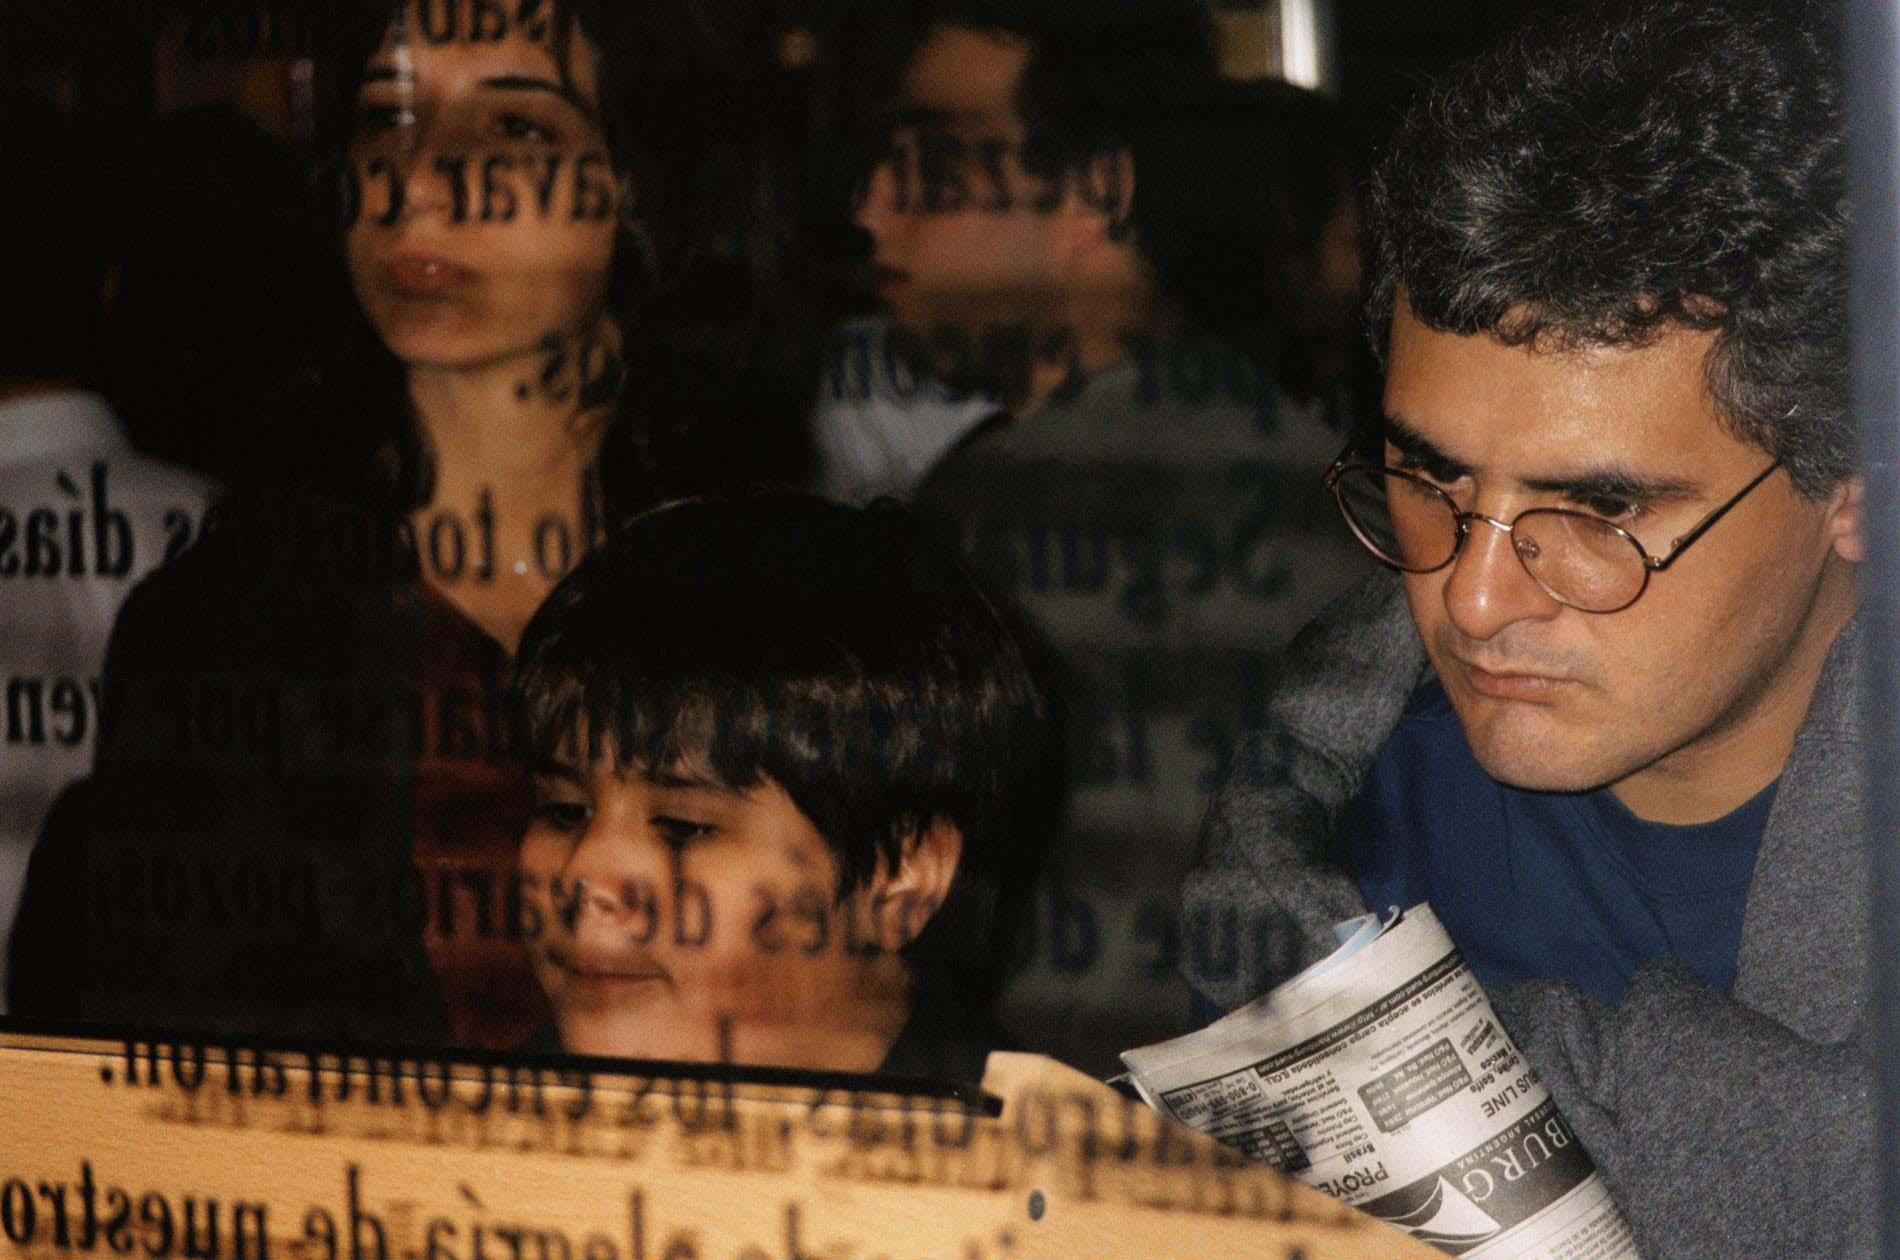 Nexo,-Los-Condenados-de-la-Tierra.-Feria-del-Libro-IIIa,-Bs-As,-2000